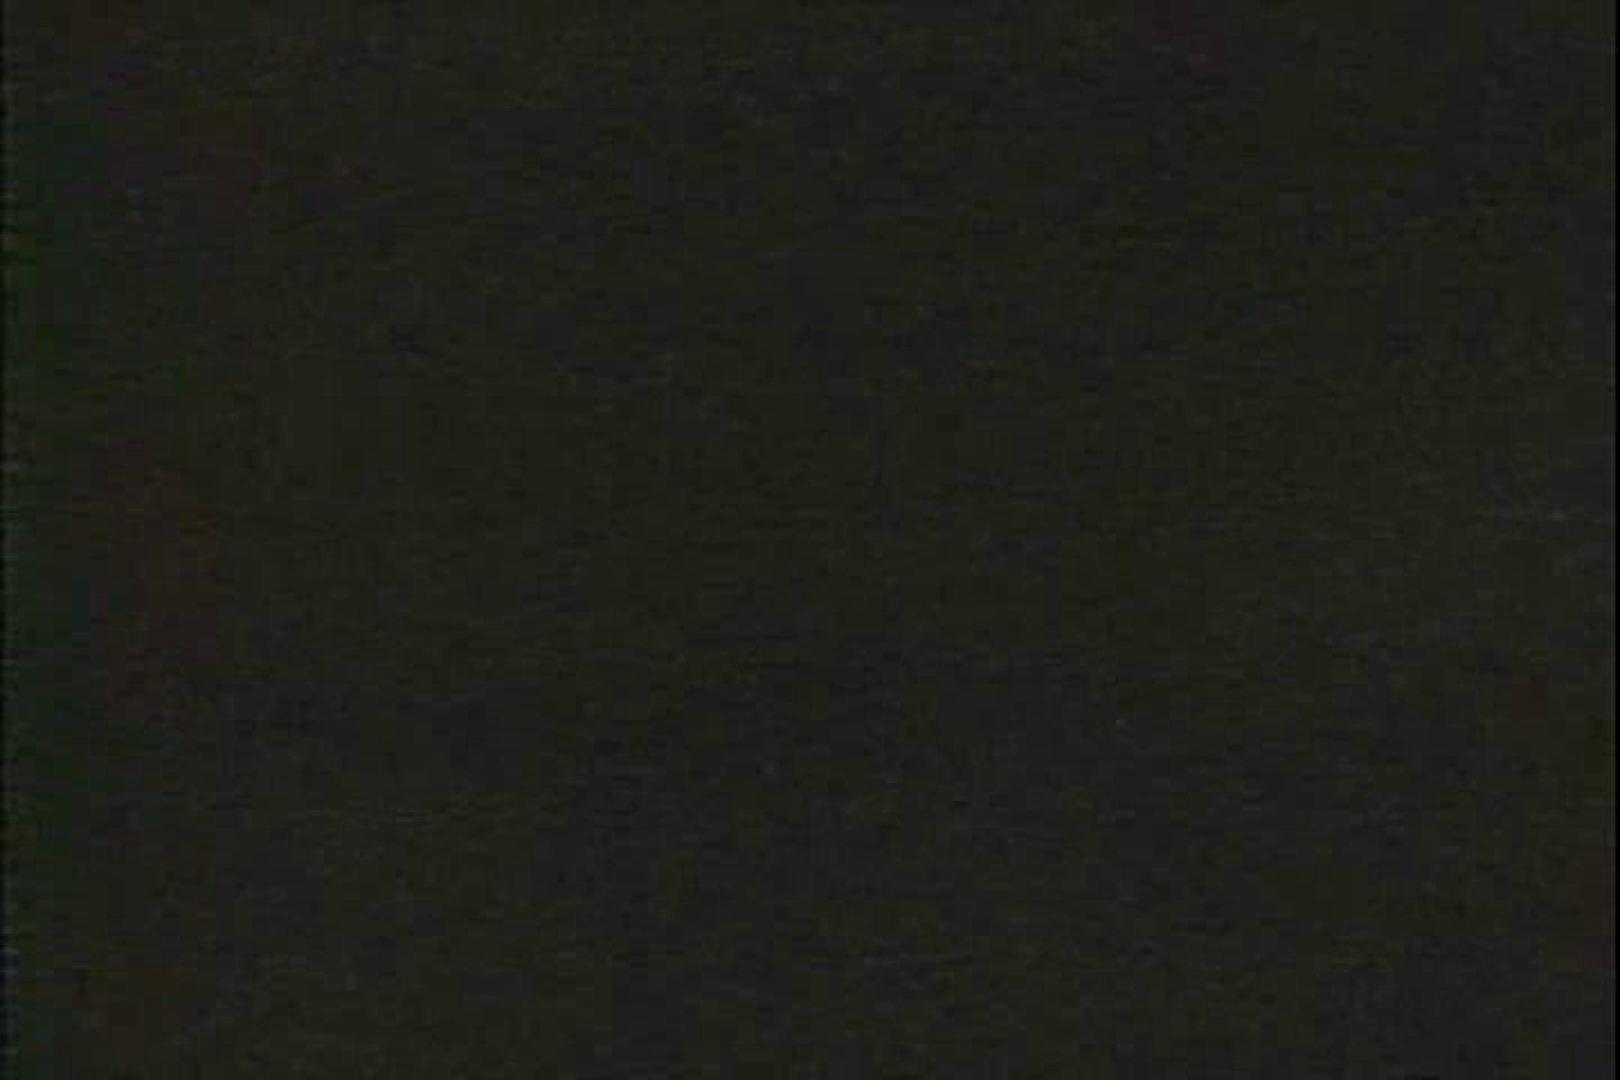 「ちくりん」さんのオリジナル未編集パンチラVol.6_01 盗撮師作品 ヌード画像 95pic 73